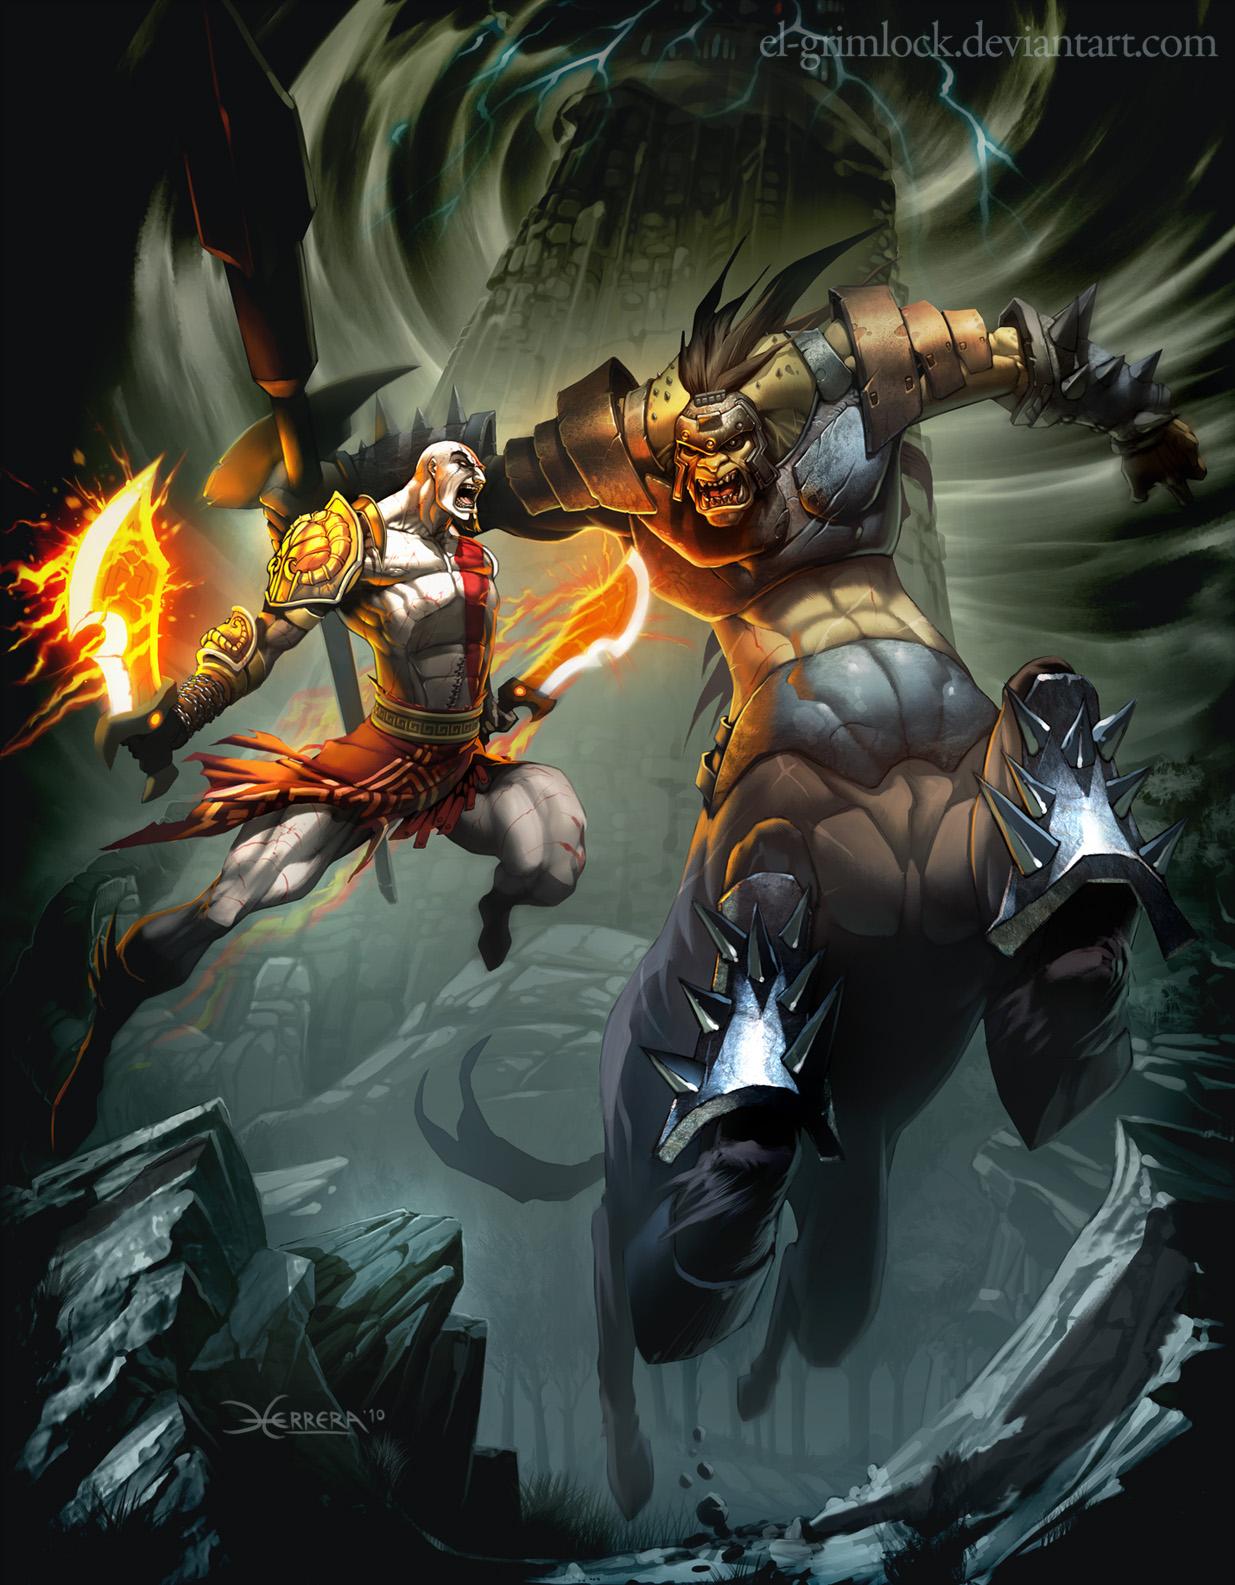 God of War 3 by el-grimlock